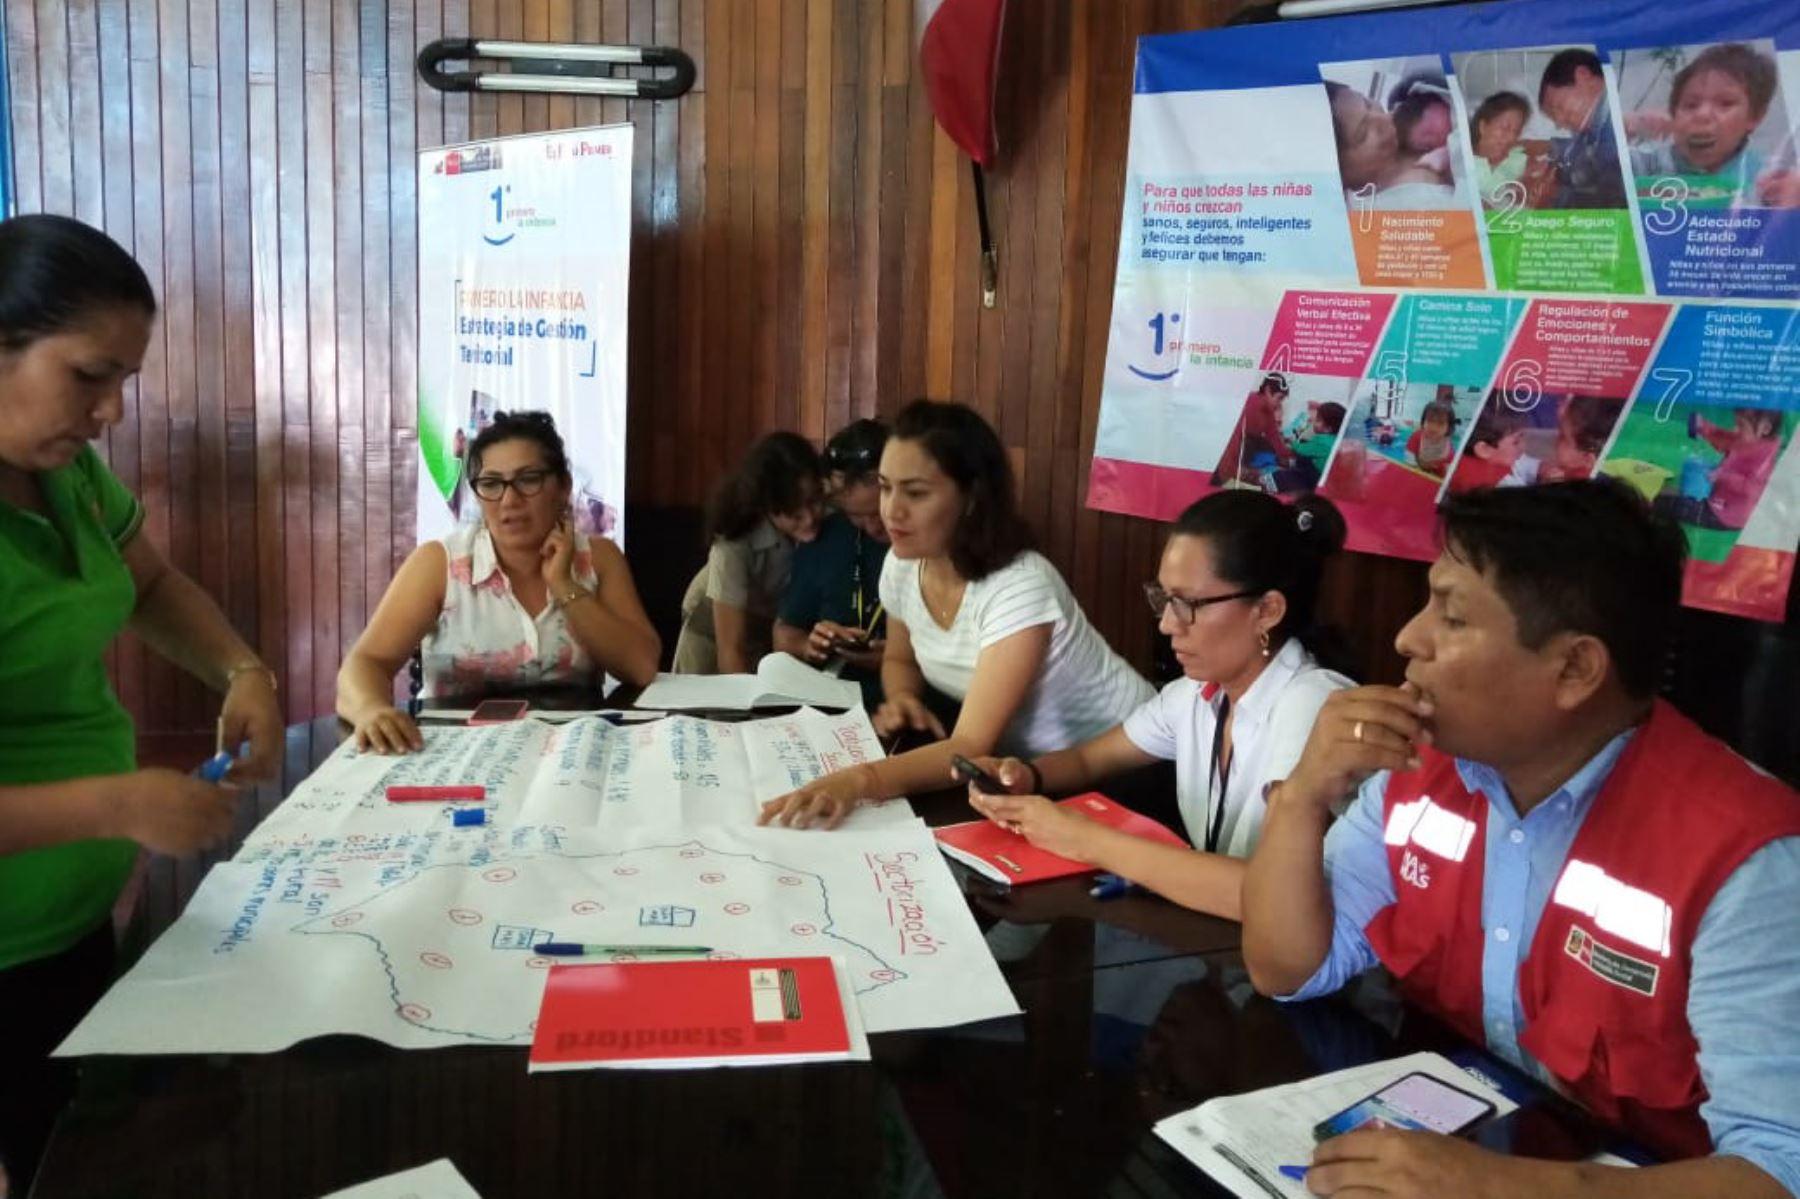 El Midis ha capacitado a 5,675 personas en regiones en la implementación de la estrategia de gestión territorial Primero la Infancia.